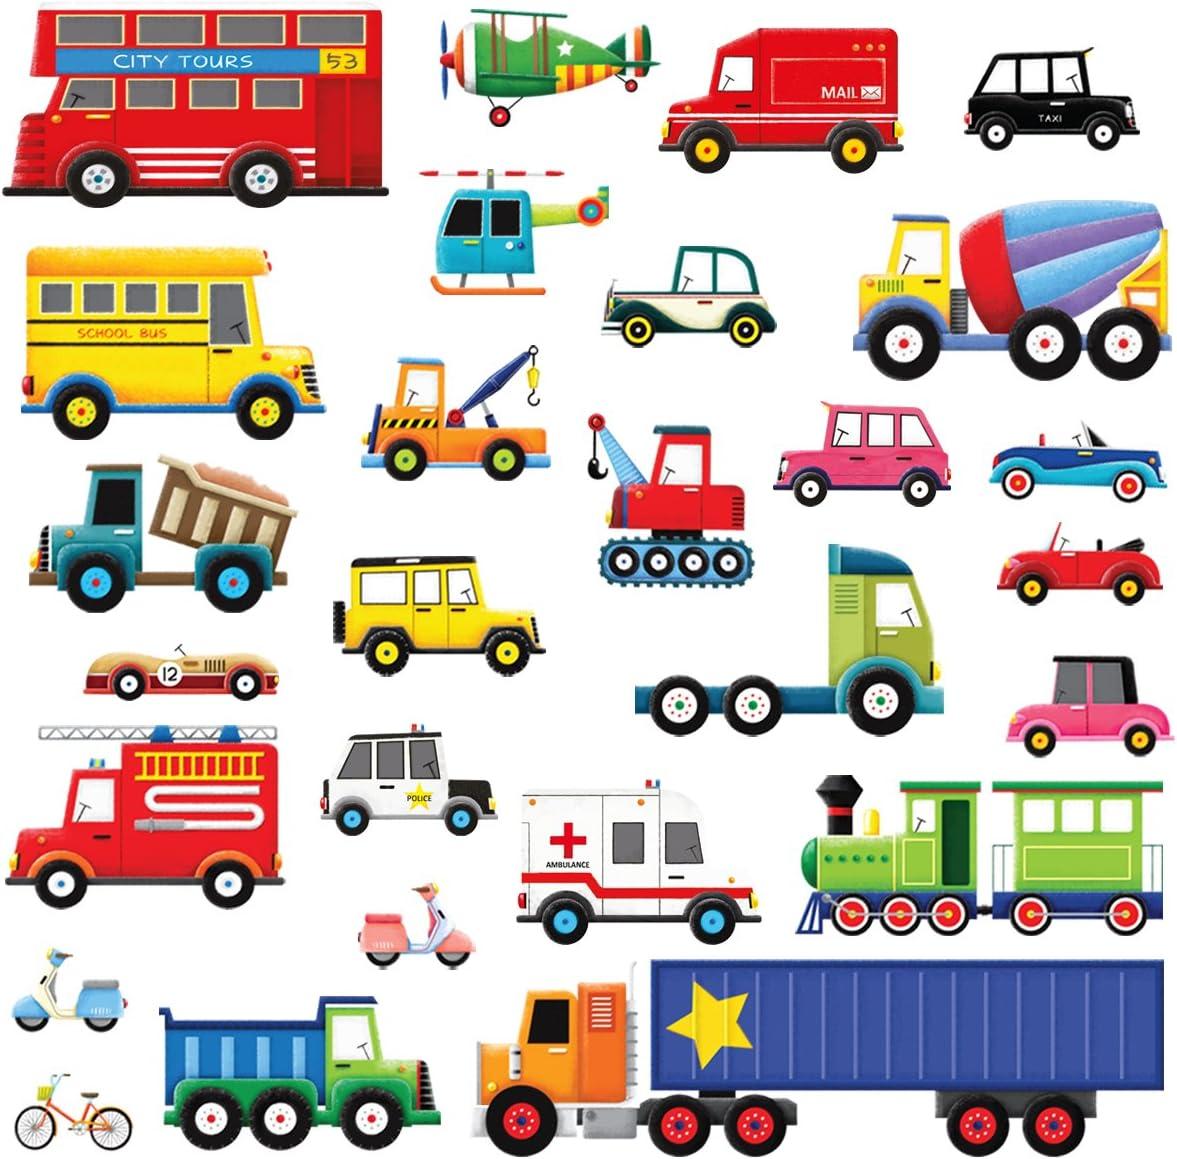 DECOWALL DW-1205 27 Transportes Vinilo Pegatinas Decorativas Adhesiva Pared Dormitorio Sal/ón Guarder/ía Habitaci/ón Infantiles Ni/ños Beb/és